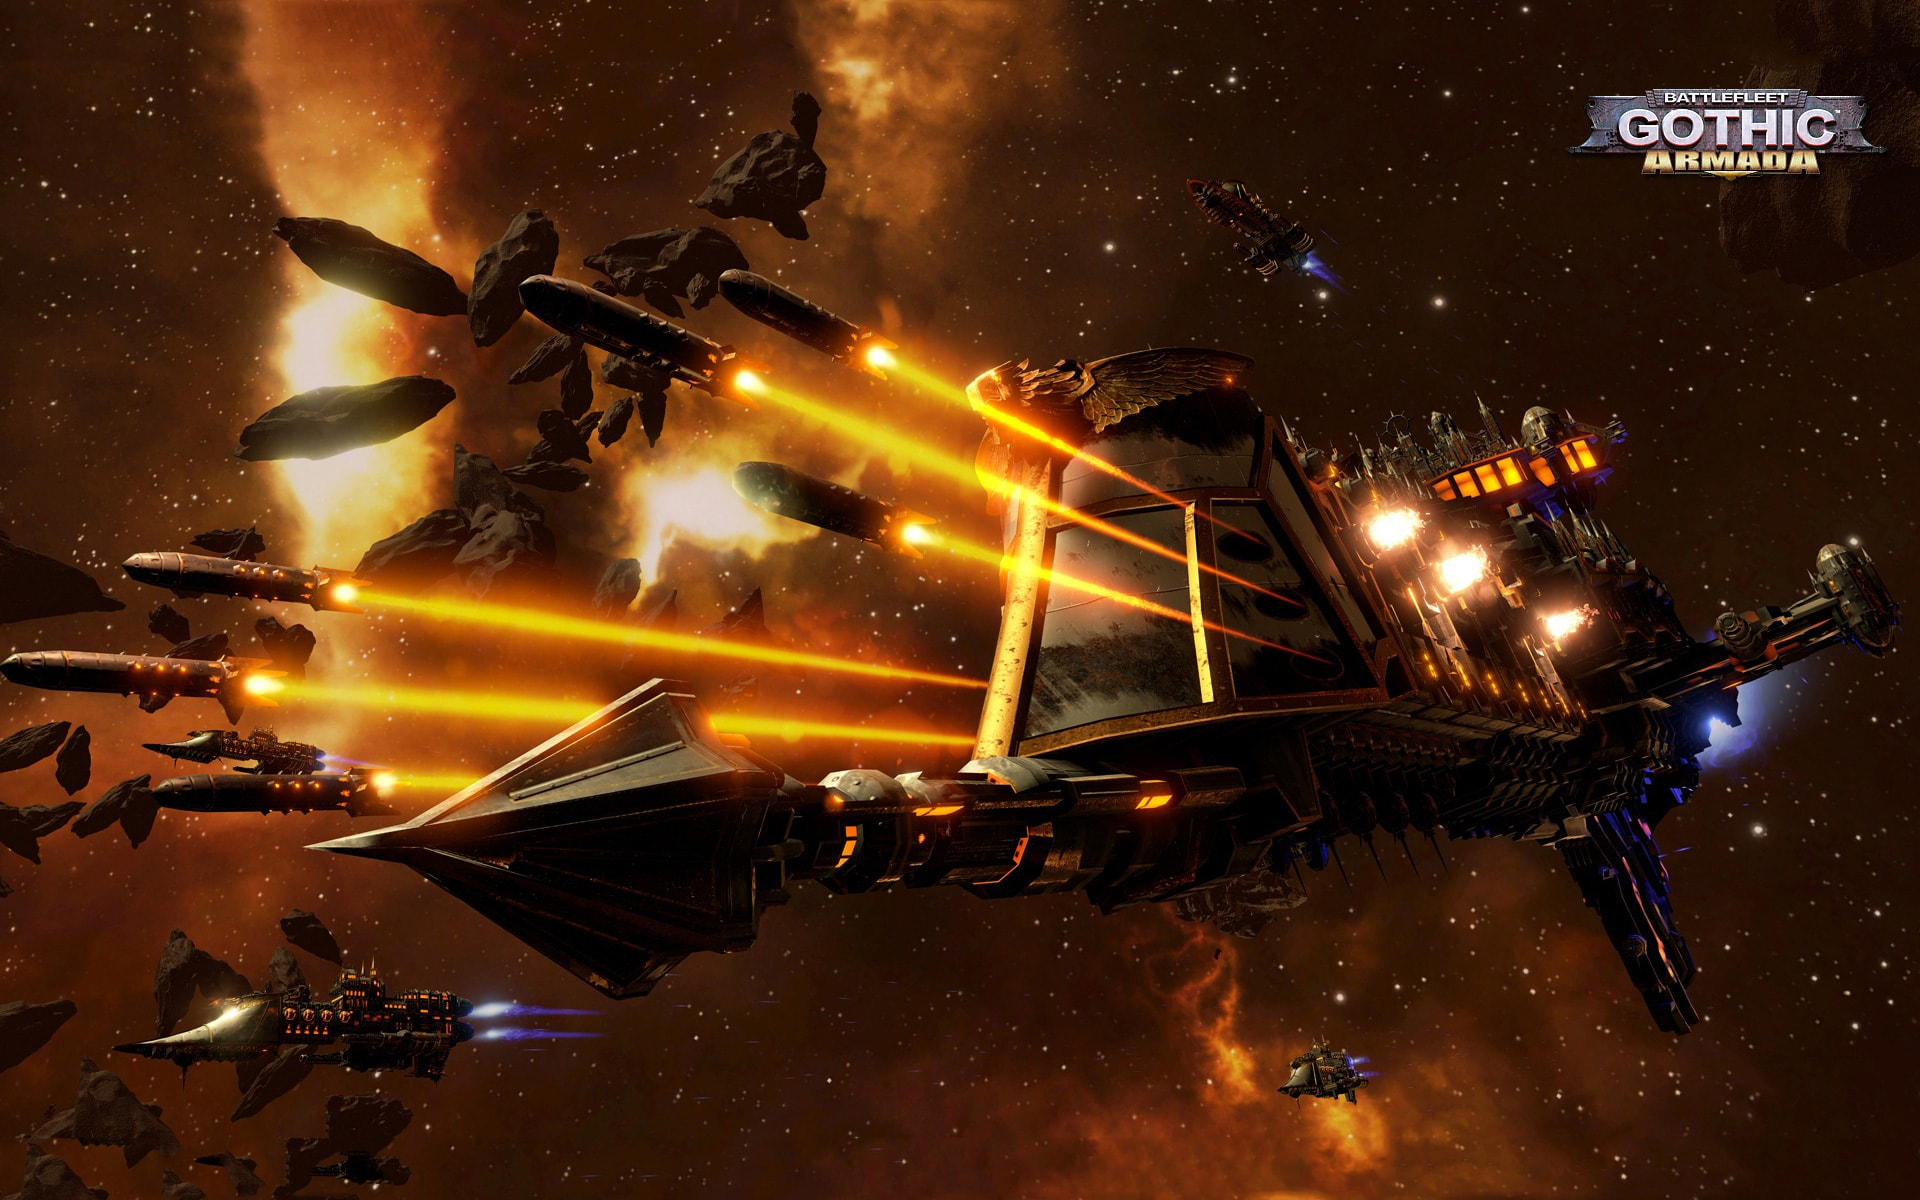 Battlefleet Gothic: Armada HD pictures